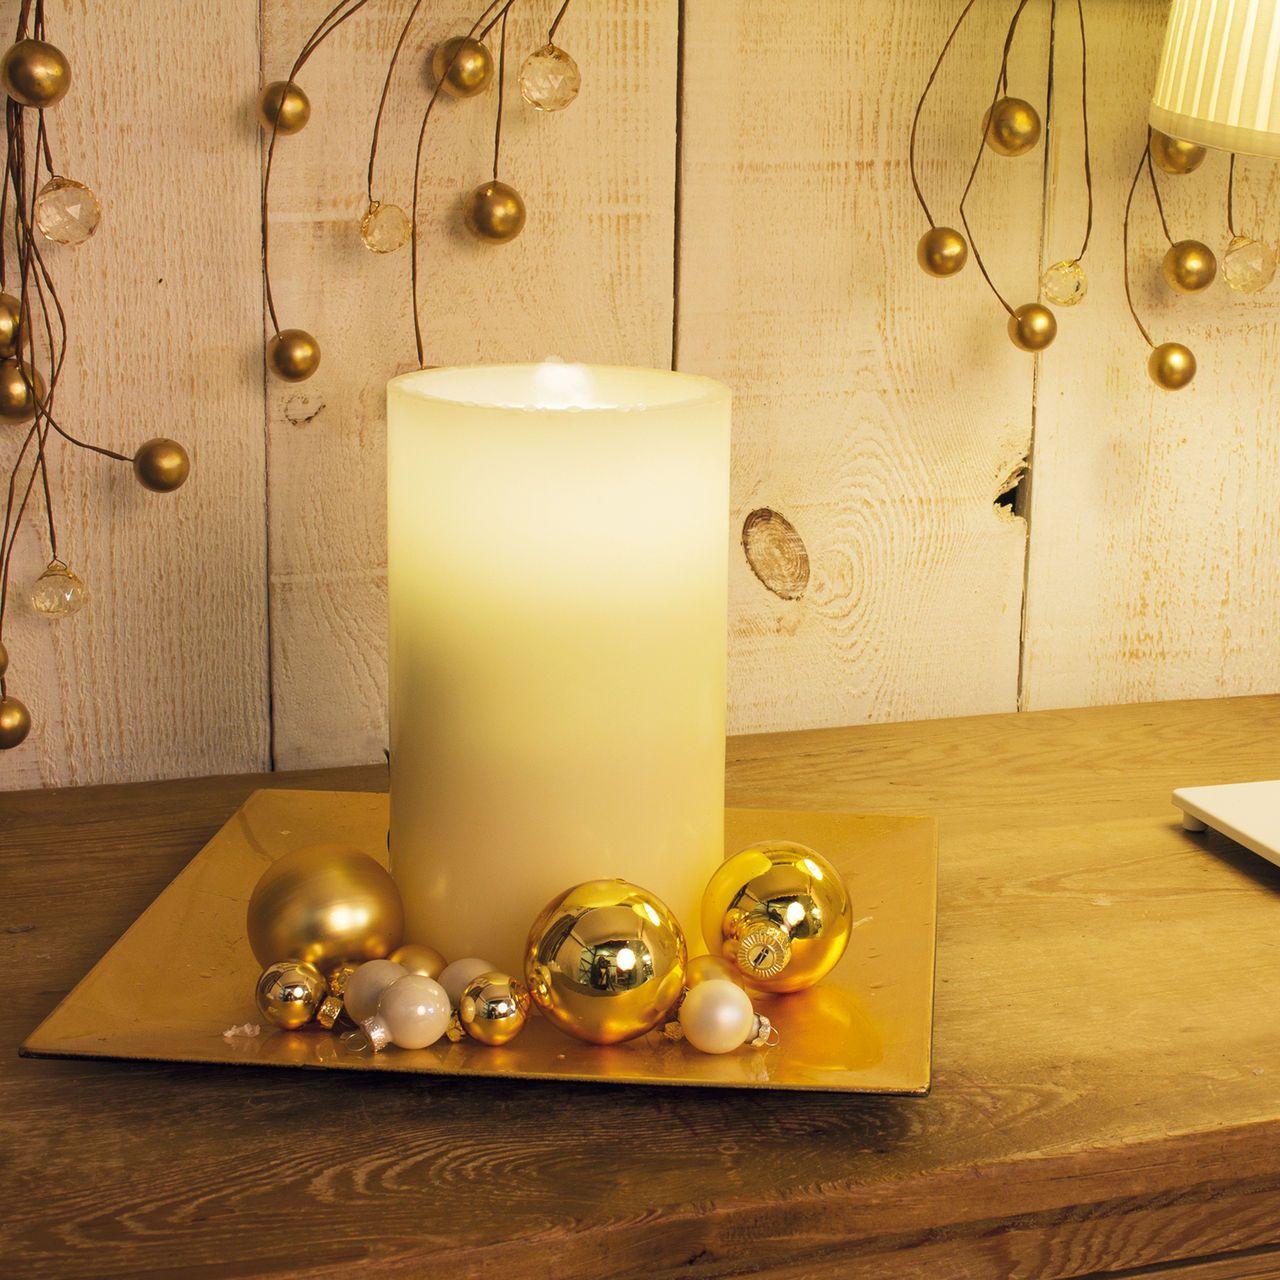 Zimmerbrunnen Kerze In Einem Led Kerzen Kerzen Stumpenkerzen